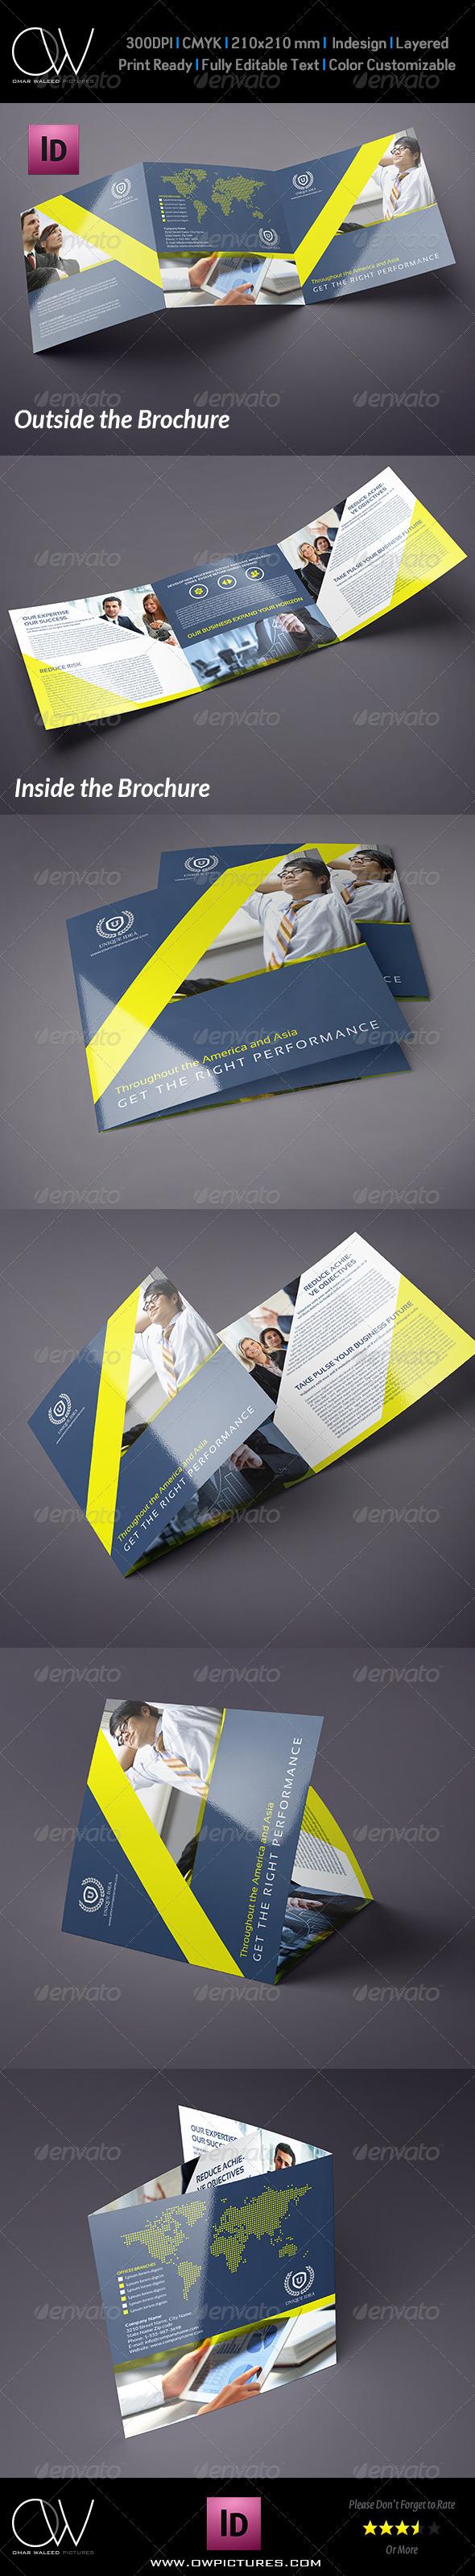 GraphicRiver Company Brochure Tri-Fold Square Brochure Vol.8 7591492